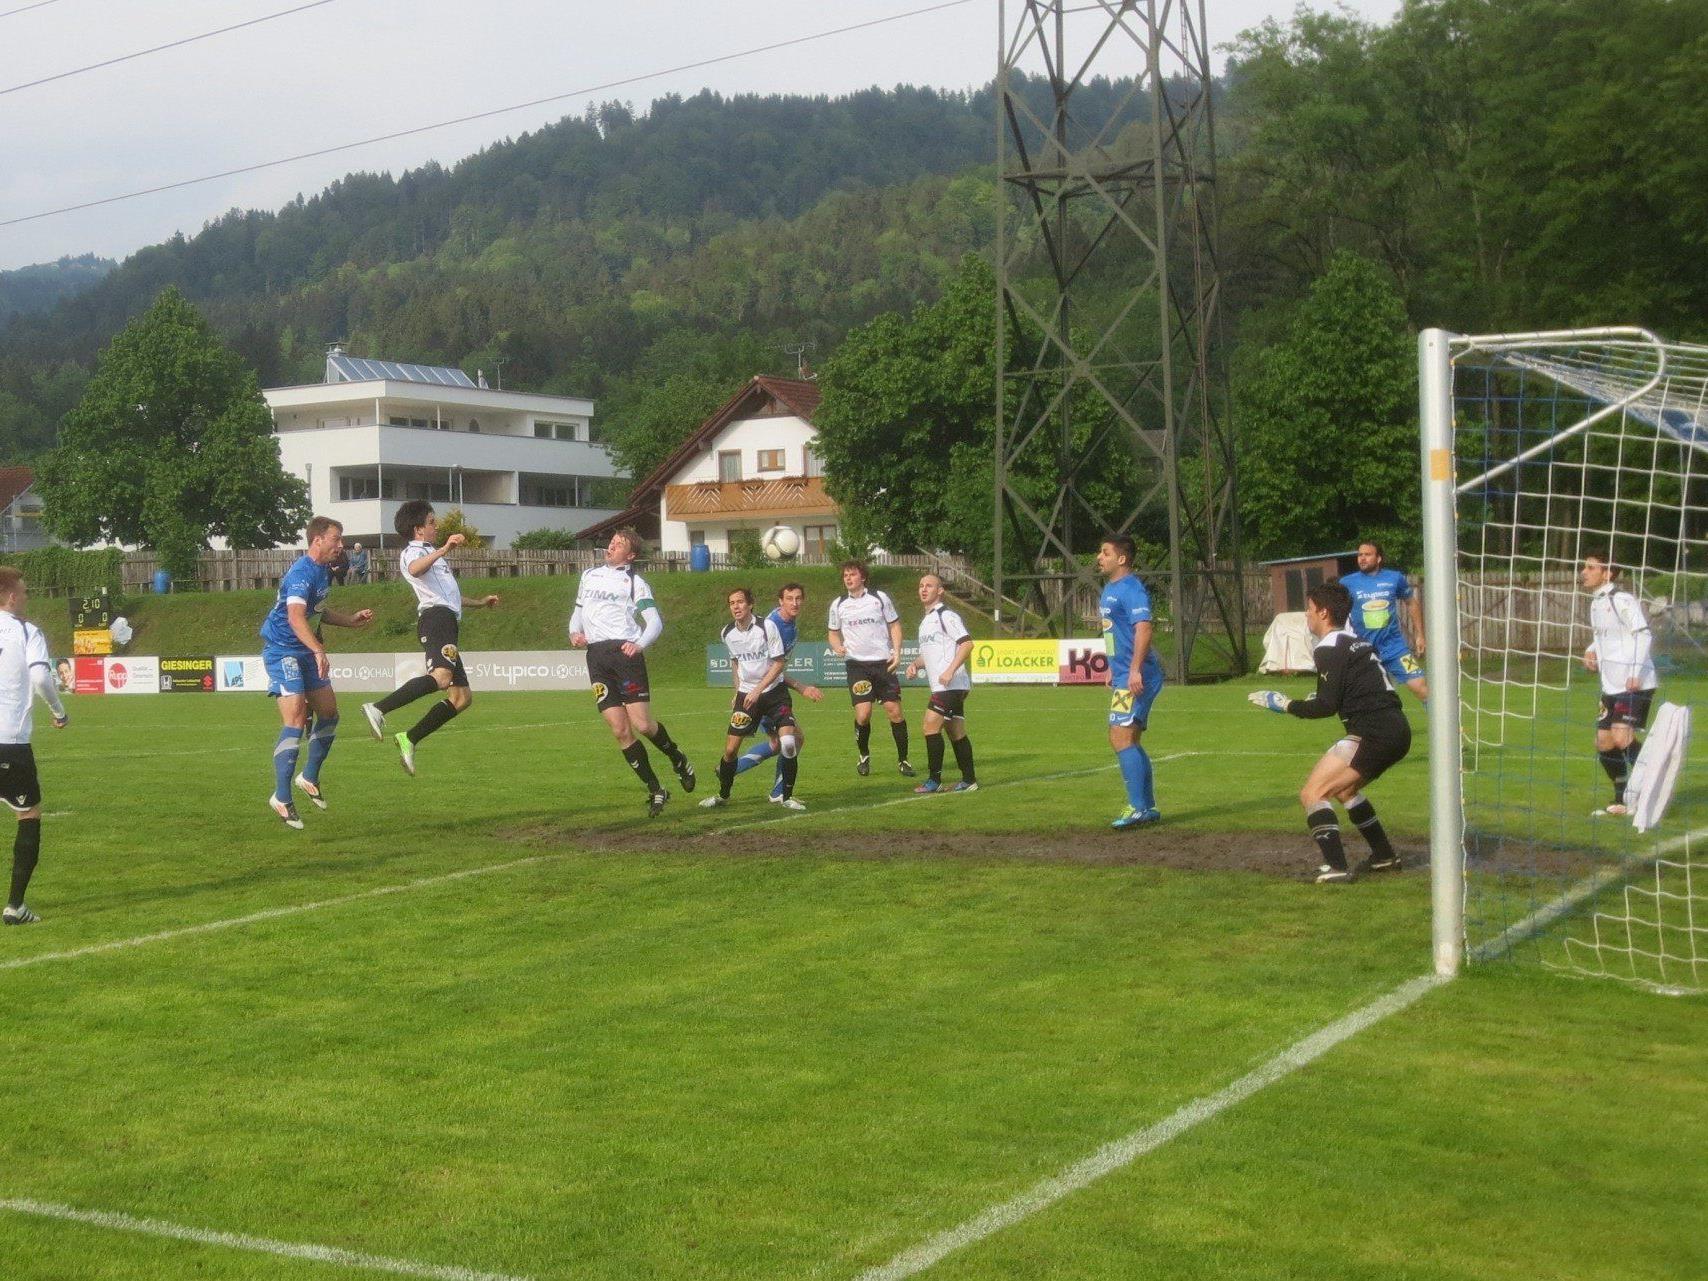 Nach der 1:0 Führung durch Johannes Grissmann (links) im Heimspiel gegen Langenegg war das Lochauer Team noch voll auf Aufstiegskurs.